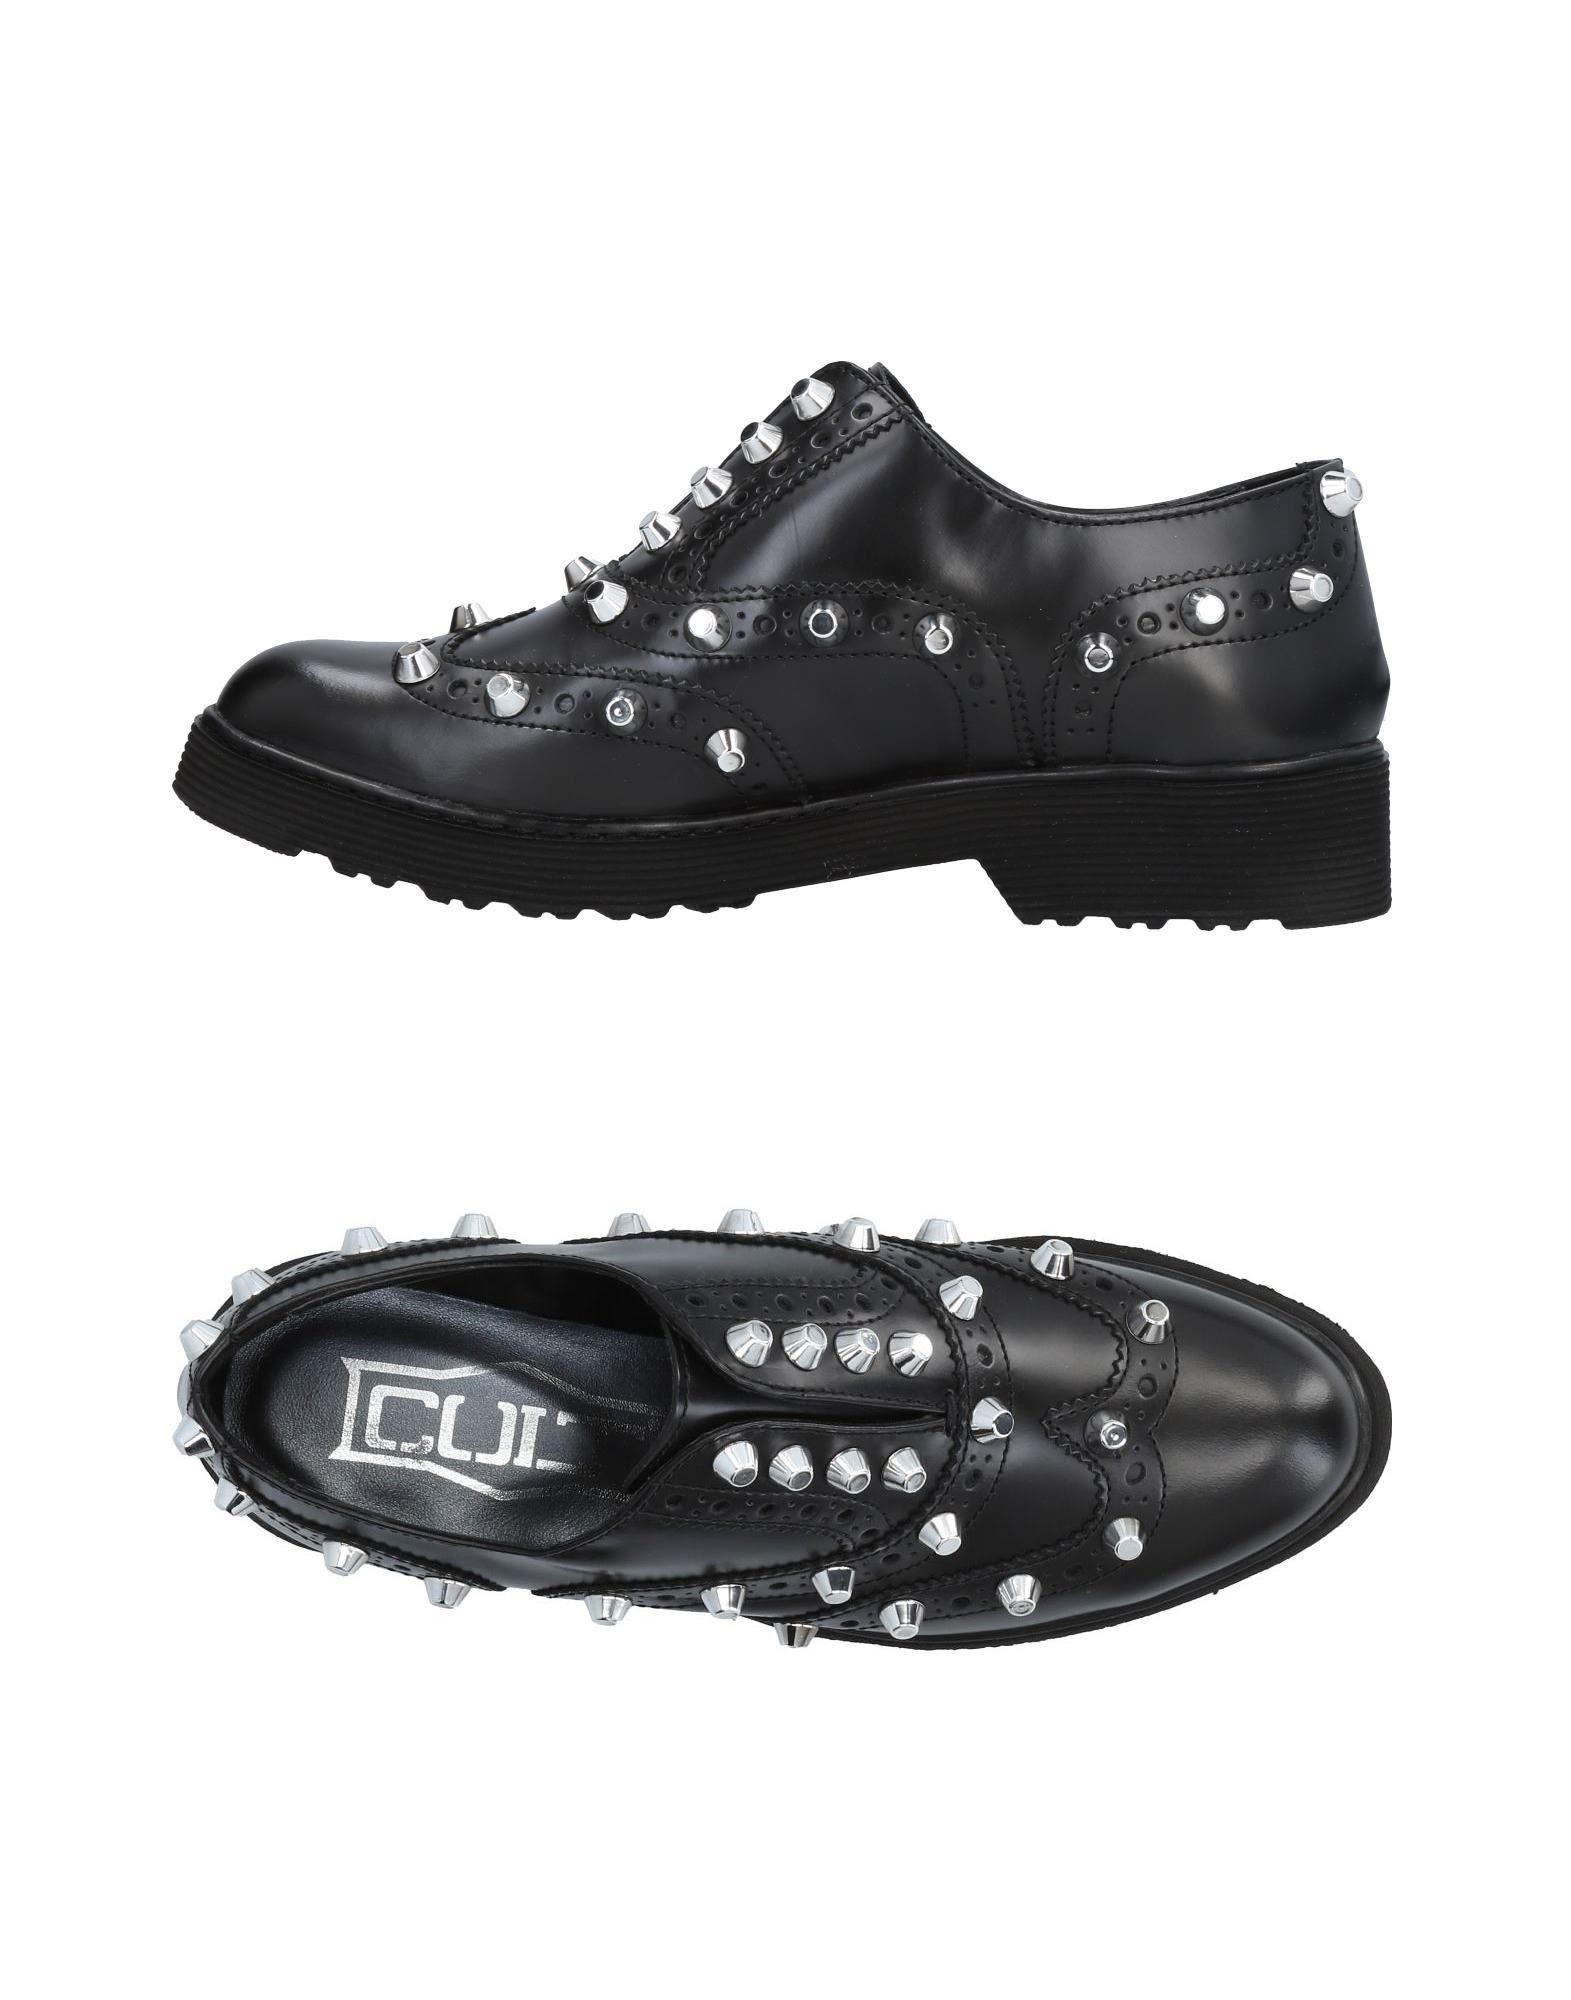 Cult Mokassins Damen  11477486NA Gute Qualität beliebte Schuhe